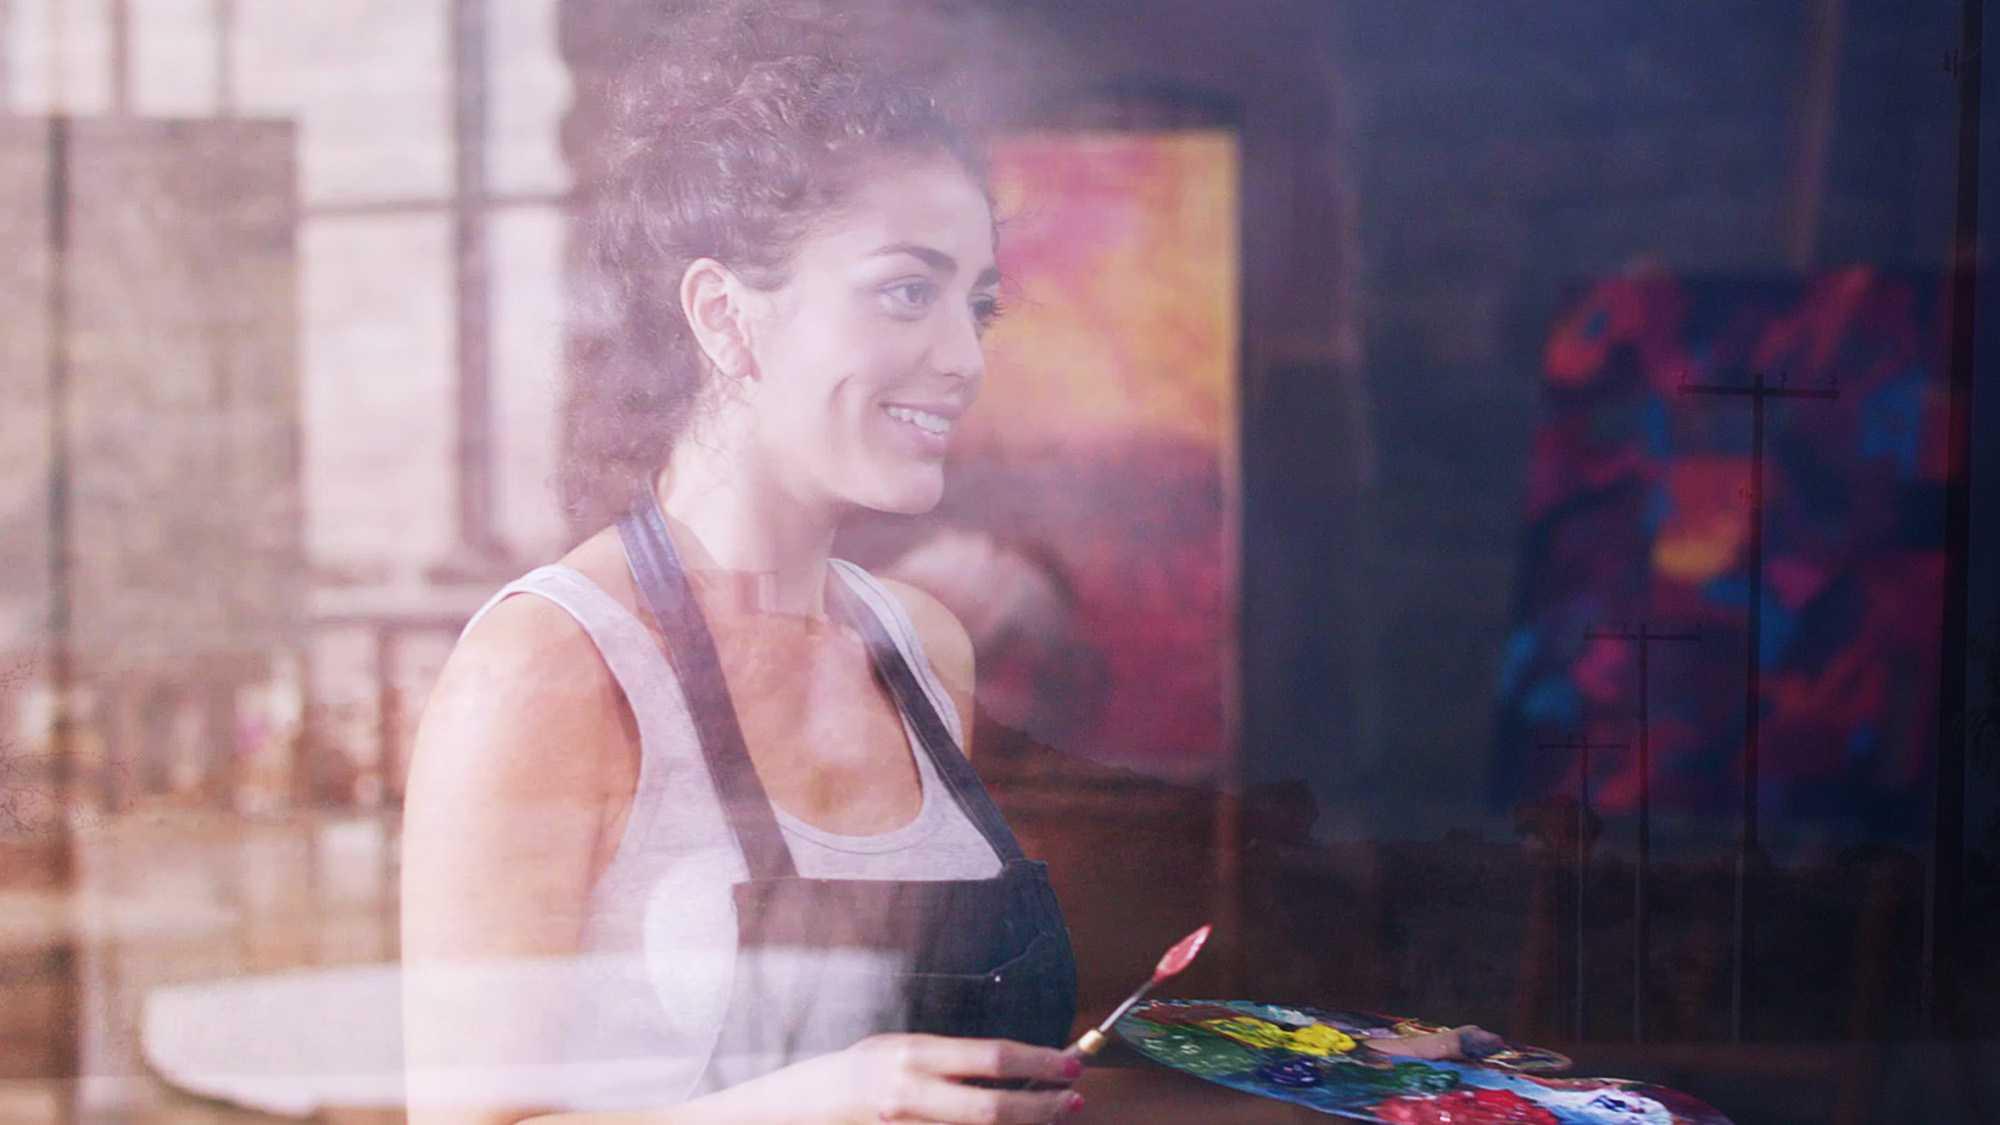 Das Bild zeigt eine Frau die sich in einem Atelier befindet. Sie hält ein Stück Holz in der Hand mit Hilfe dessen sie Farben zusammen mischt. In der anderen Hand hält sie einen Pinsel. Hinter ihr steht ein Gemälde. Das Bild dient als Sliderbild für den Portfolioeintrag BMW Plant San Luis Potosí Mexico von Panda Pictures.